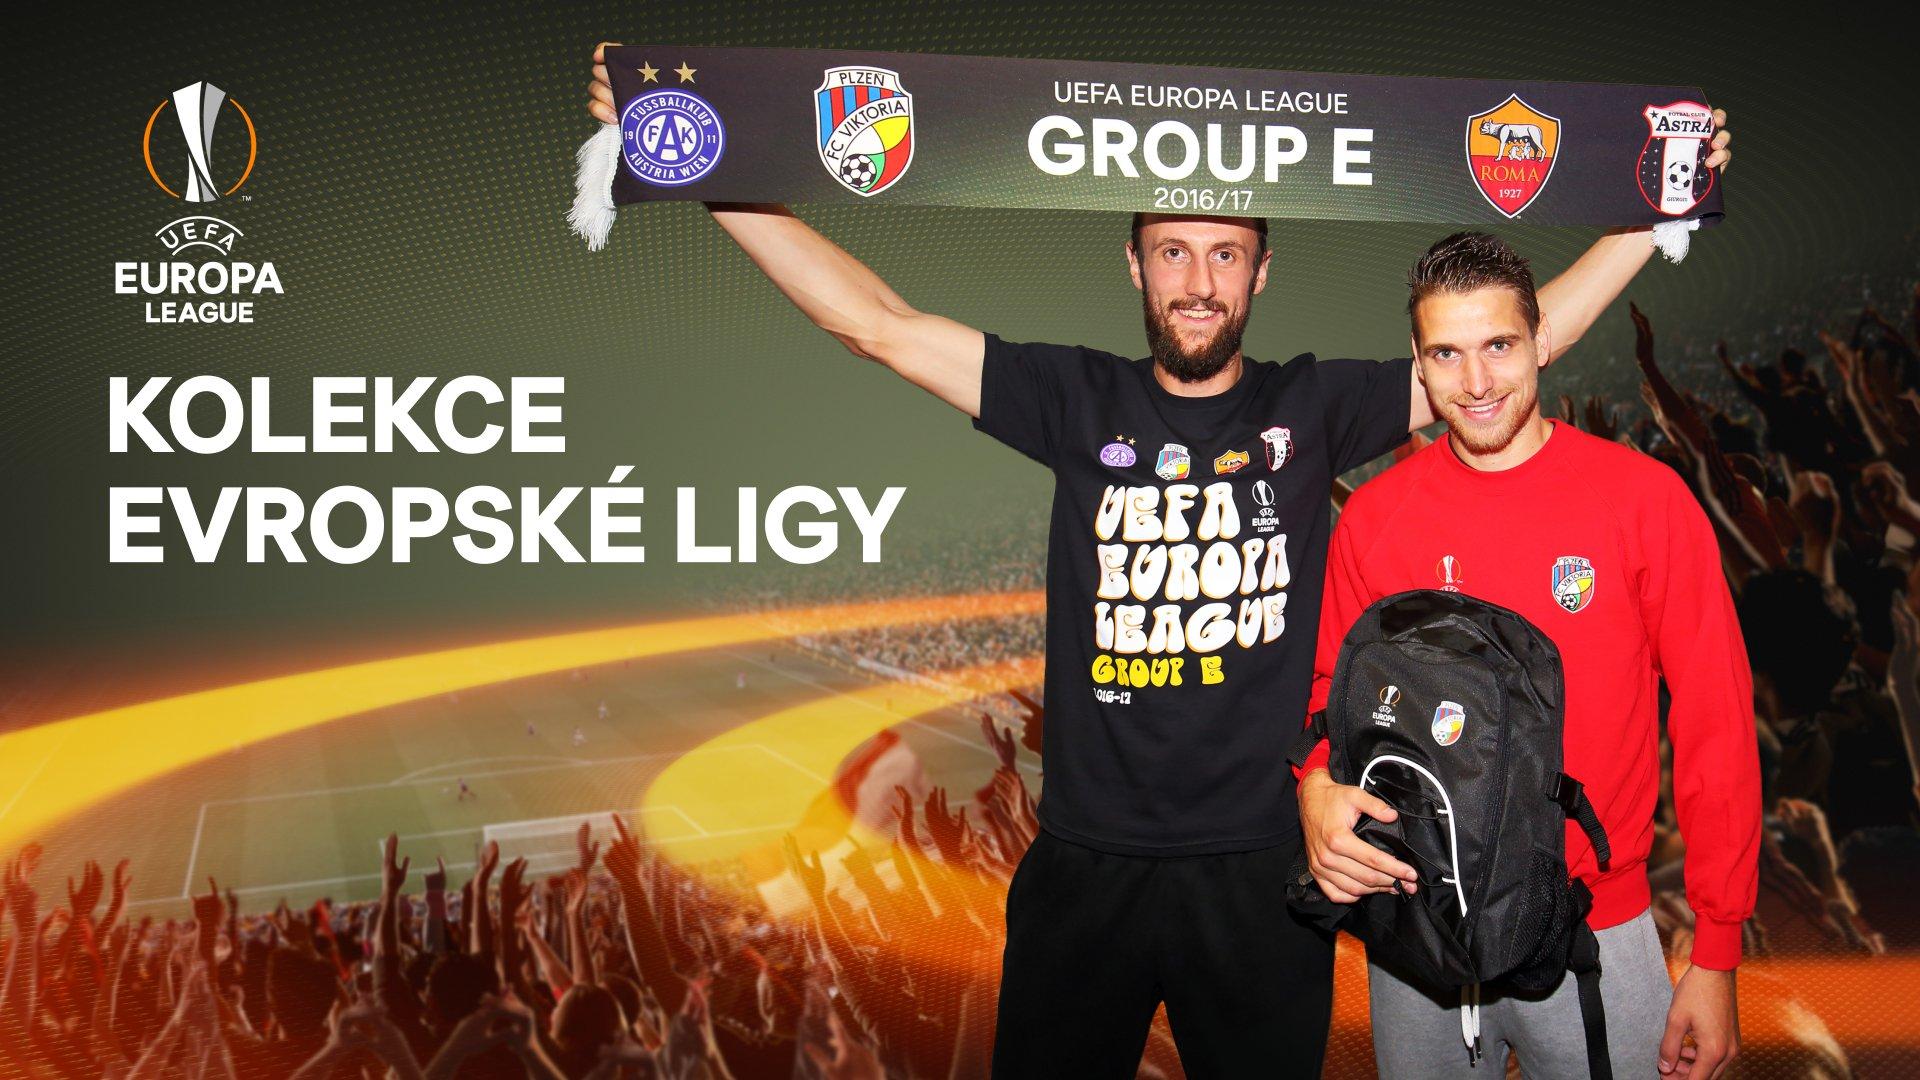 Losování Evropské Ligy Gallery: Do Fanshopu Přichází Nová Kolekce Evropské Ligy